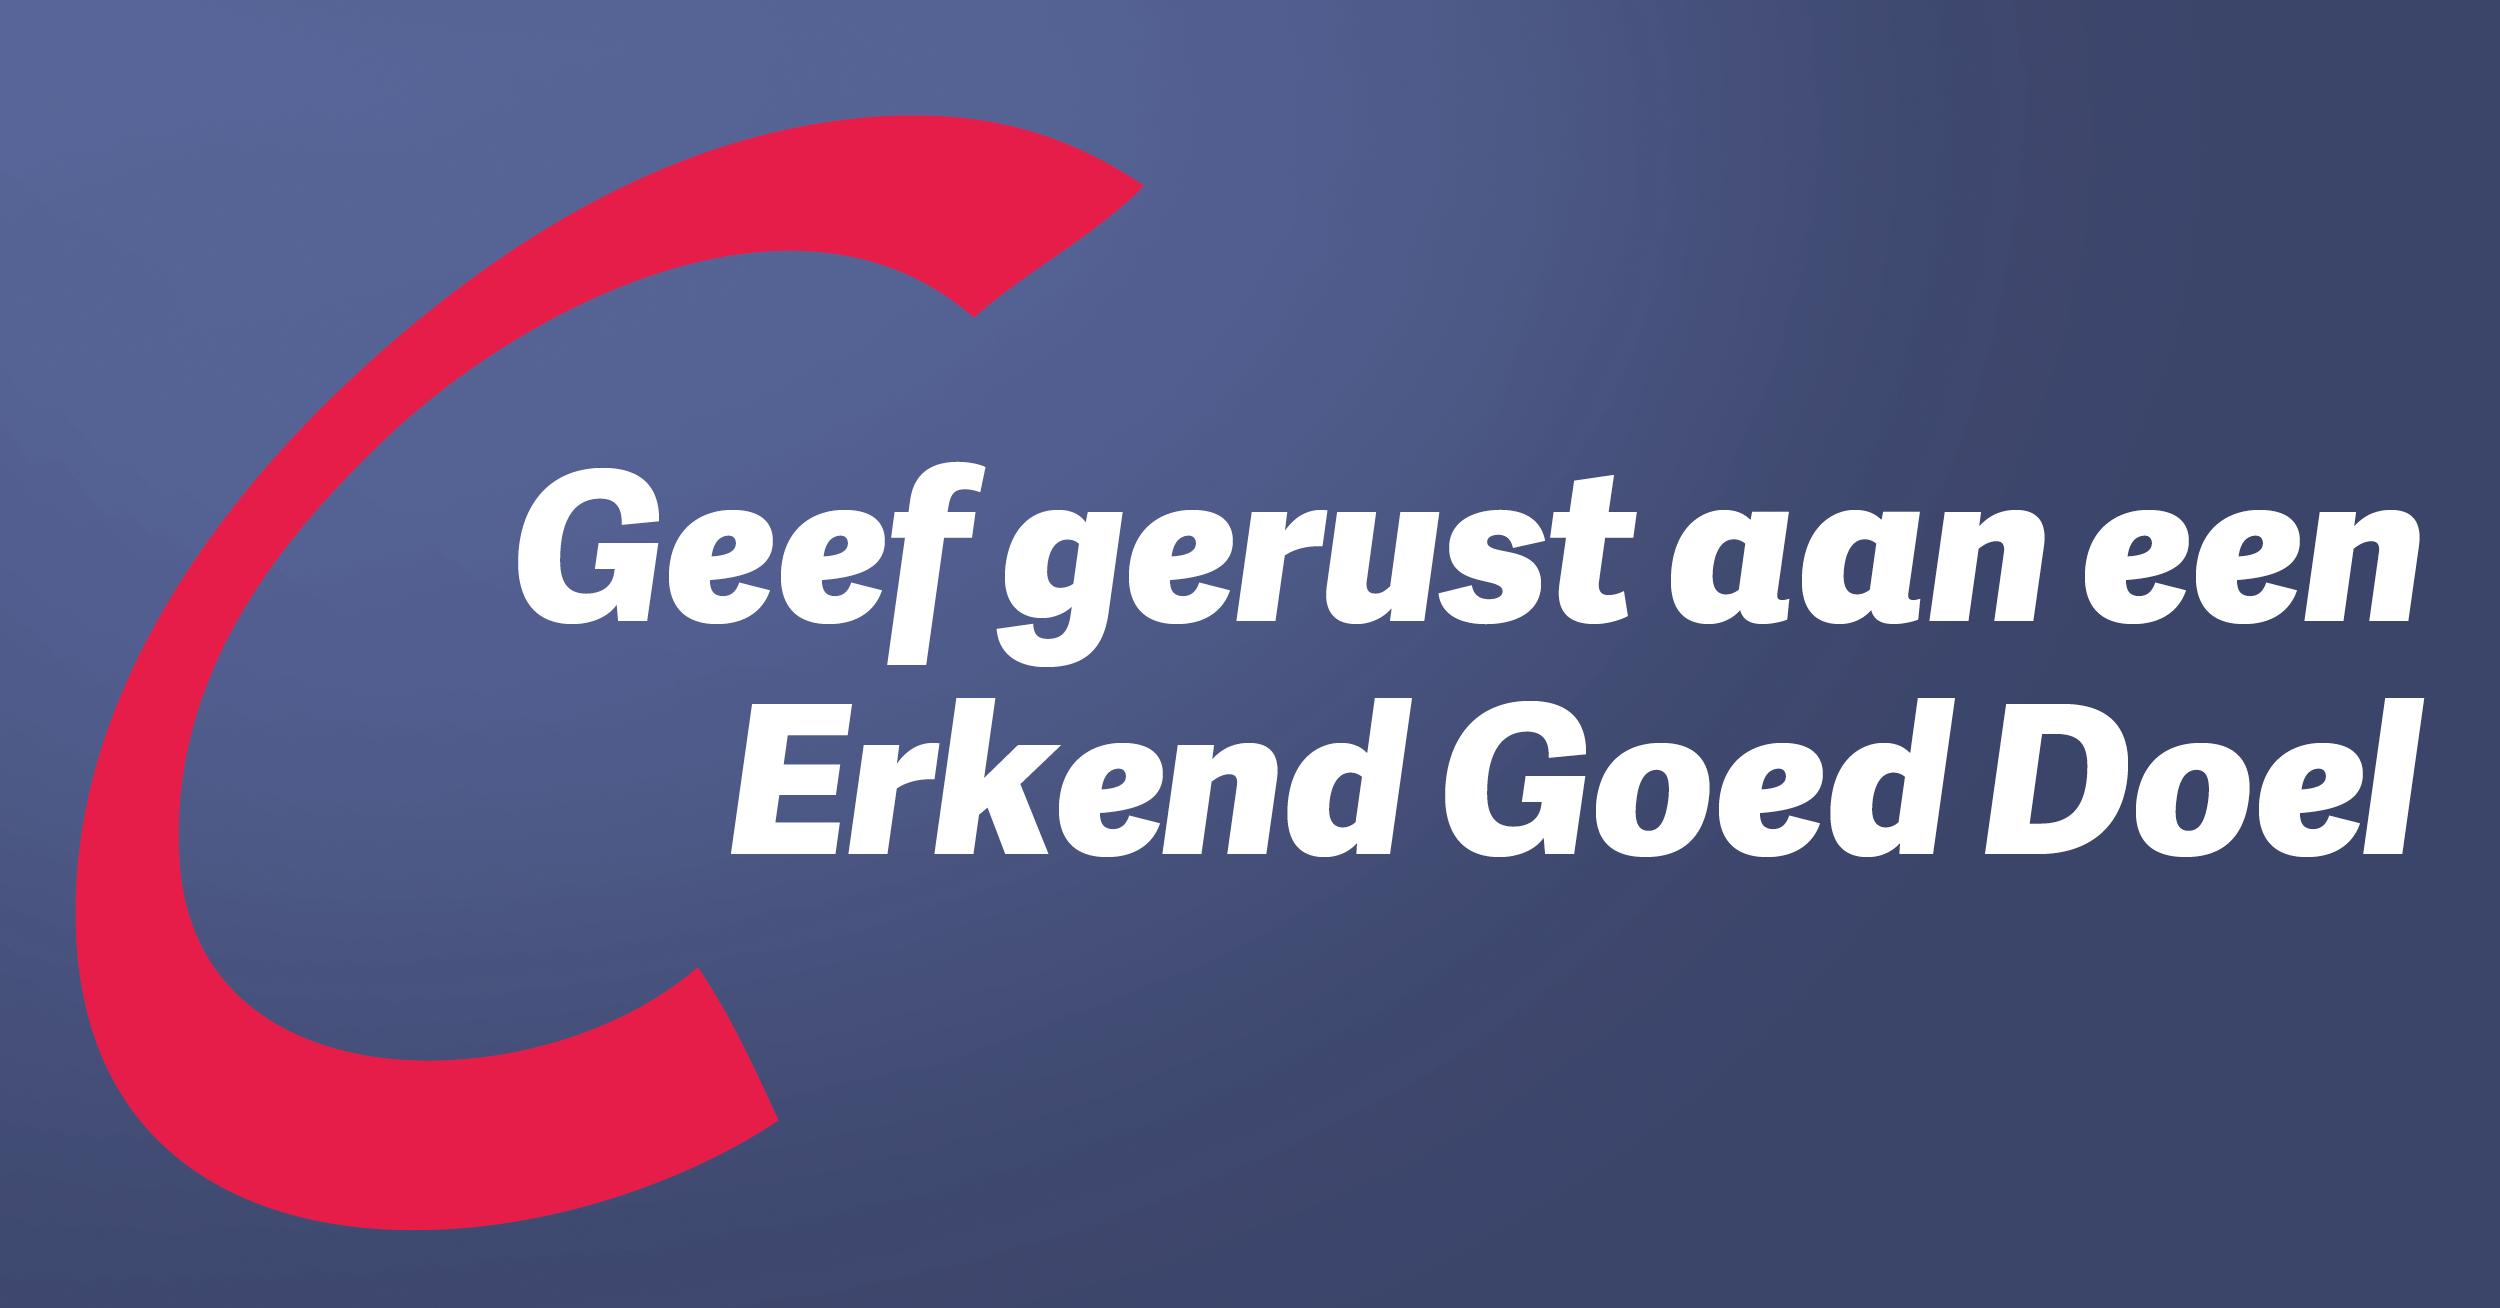 Vereniging nederlands cultuurlandschap start for Geef een goed doel cadeau